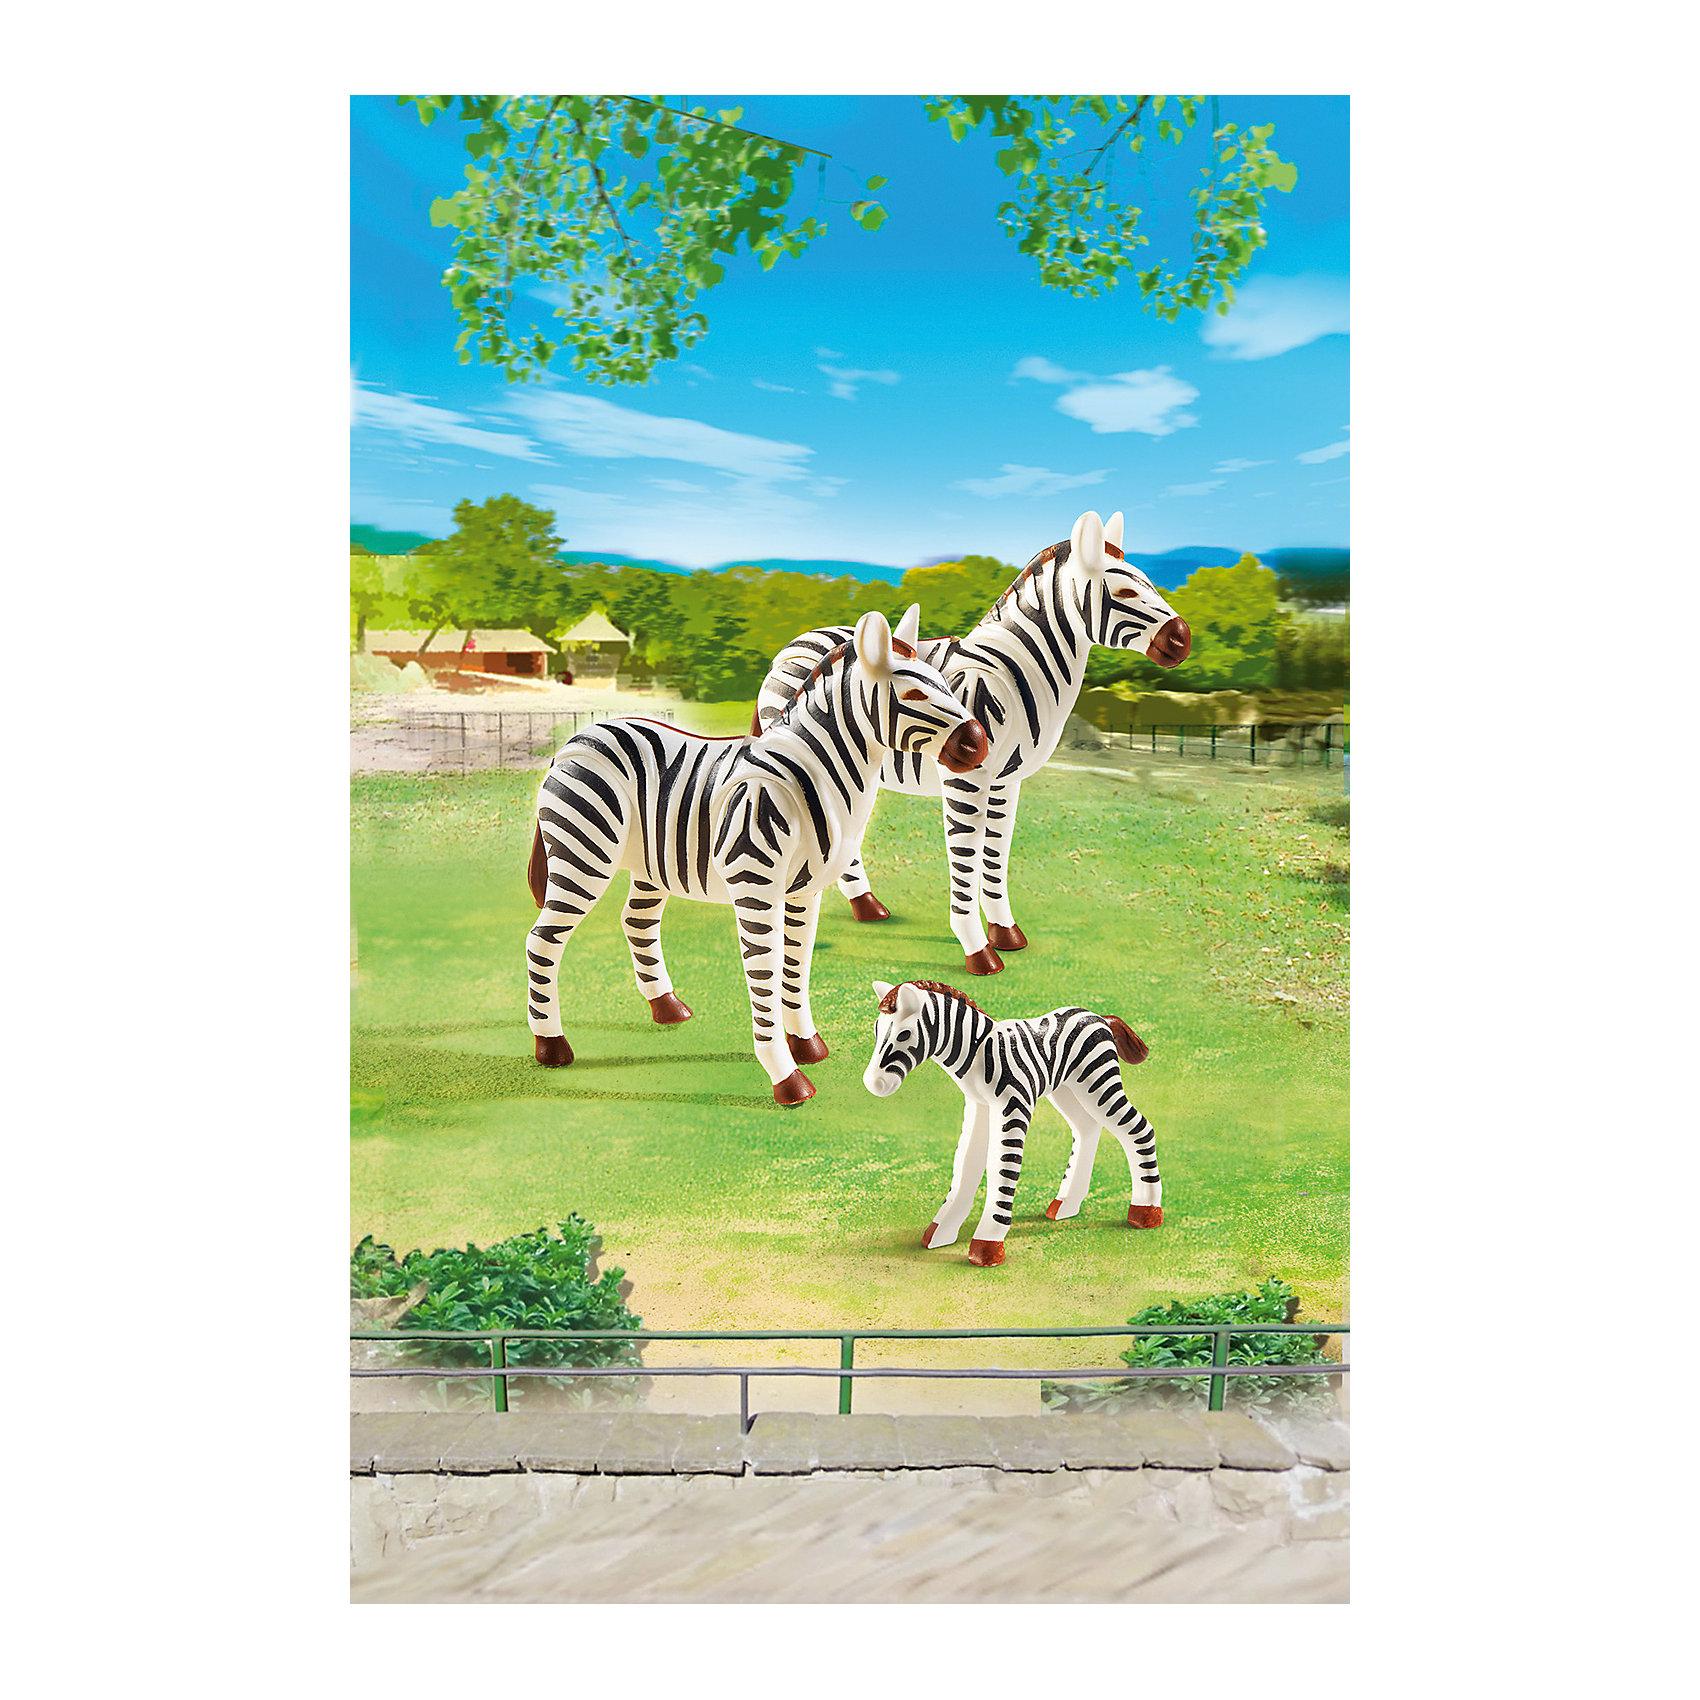 Зоопарк: Семья Зебр, PLAYMOBILПластмассовые конструкторы<br>Зоопарк: Семья Зебр, PLAYMOBIL (Плэймобил)<br><br>Характеристики:<br><br>• семья зебр из качественного пластика <br>• подвижная голова<br>• в комплекте: 2 большие и 1 маленькая зебра<br>• размер упаковки: 16,9х24,6х8 см<br>• вес: 150 грамм<br>• материал: пластик<br><br>Набор от Плэймобил станет прекрасным дополнением к игрушечному зоопарку ребенка. В комплект входит маленькая фигурка зебры и 2 большие. Они имеют подвижные конечности. Ребенок сможет придумать интересную игру с этим милым семейством!<br><br>Зоопарк: Семья зебр, PLAYMOBIL (Плэймобил) можно купить в нашем интернет-магазине.<br><br>Ширина мм: 243<br>Глубина мм: 164<br>Высота мм: 56<br>Вес г: 75<br>Возраст от месяцев: 48<br>Возраст до месяцев: 120<br>Пол: Унисекс<br>Возраст: Детский<br>SKU: 3786367